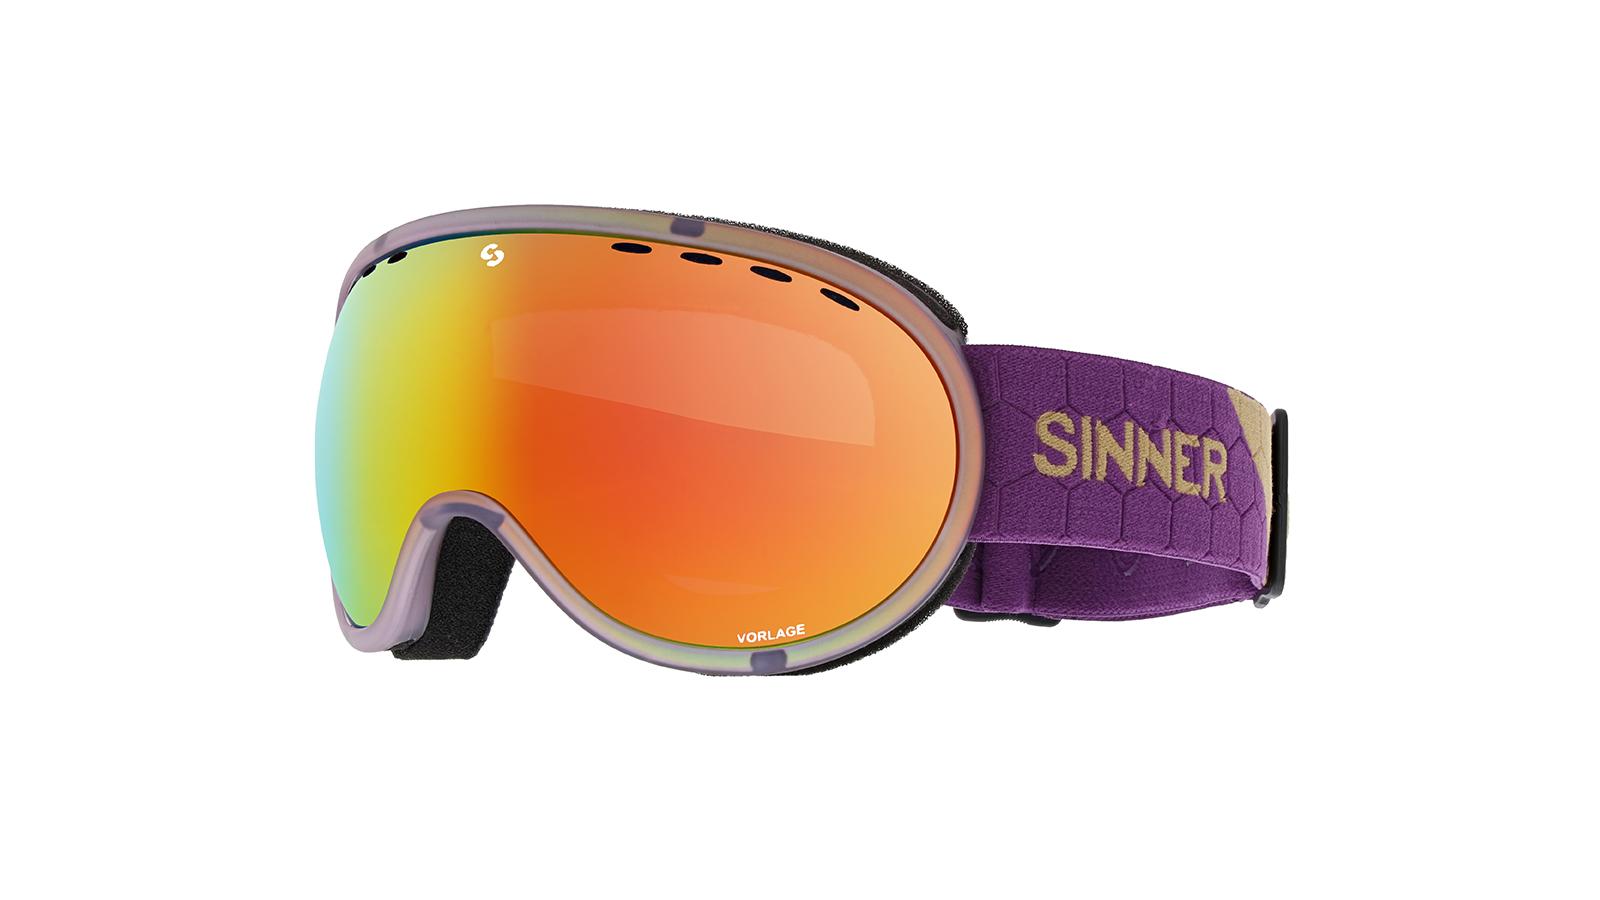 Sinner-Vorlage-Goggle